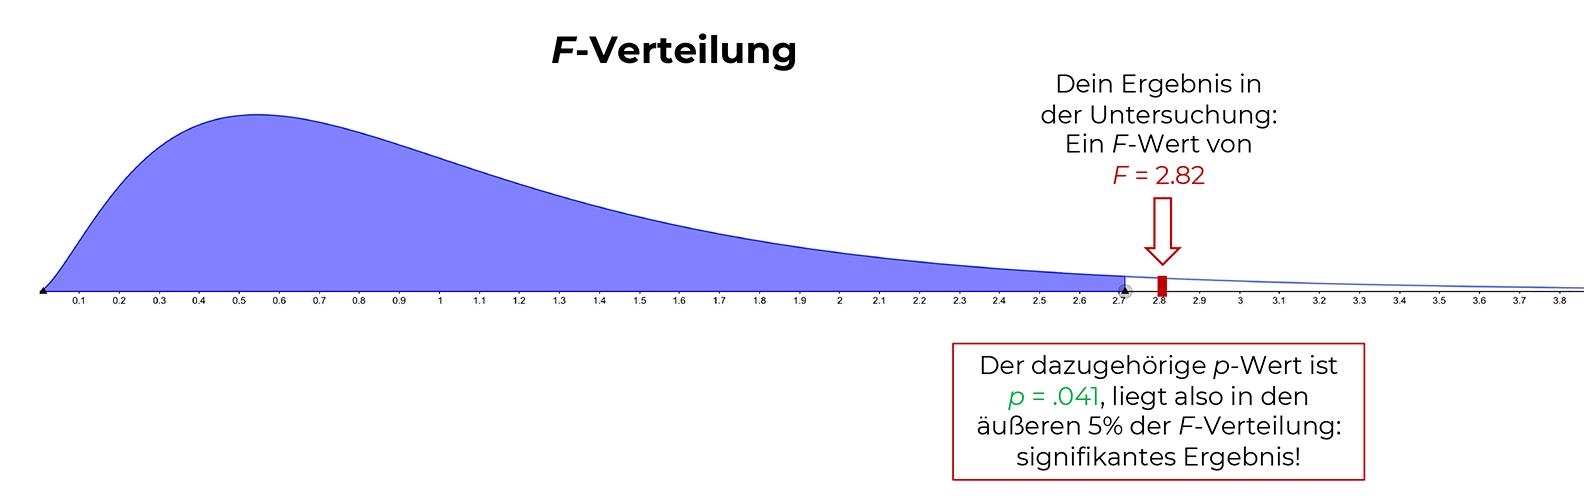 f-verteilung-mit-p-wert